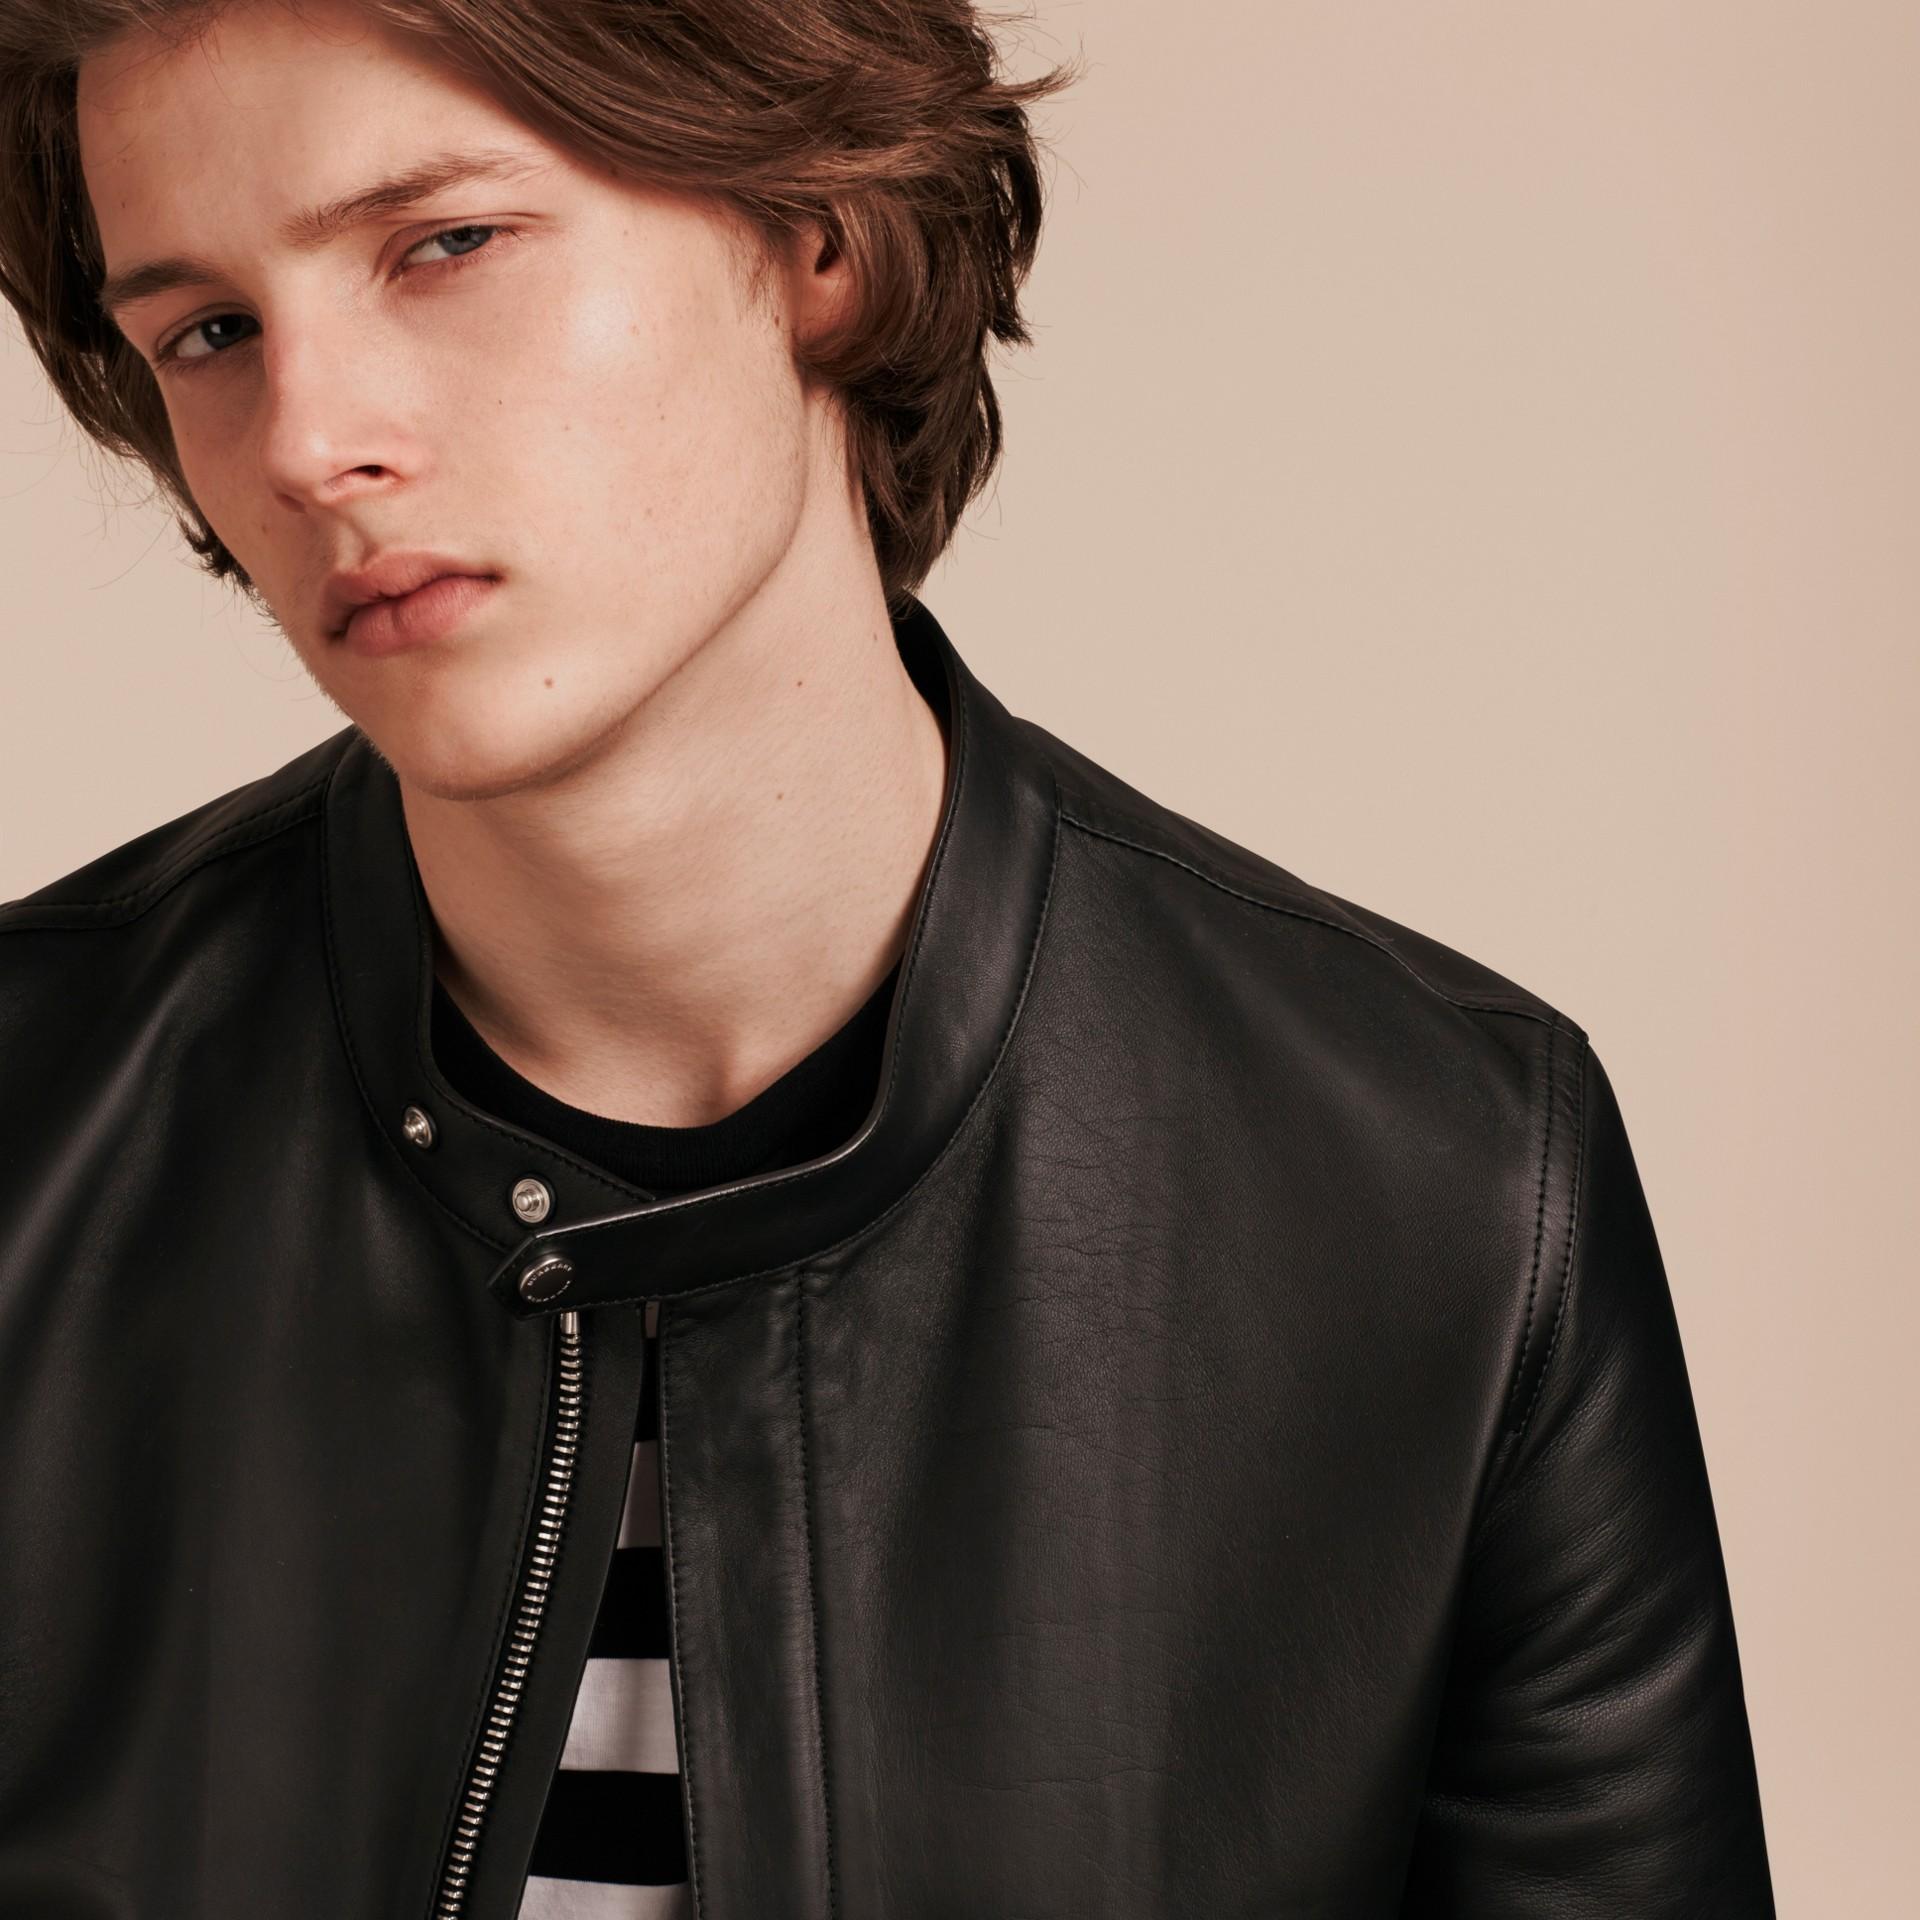 Черный Байкерская куртка из кожи ягненка - изображение 5